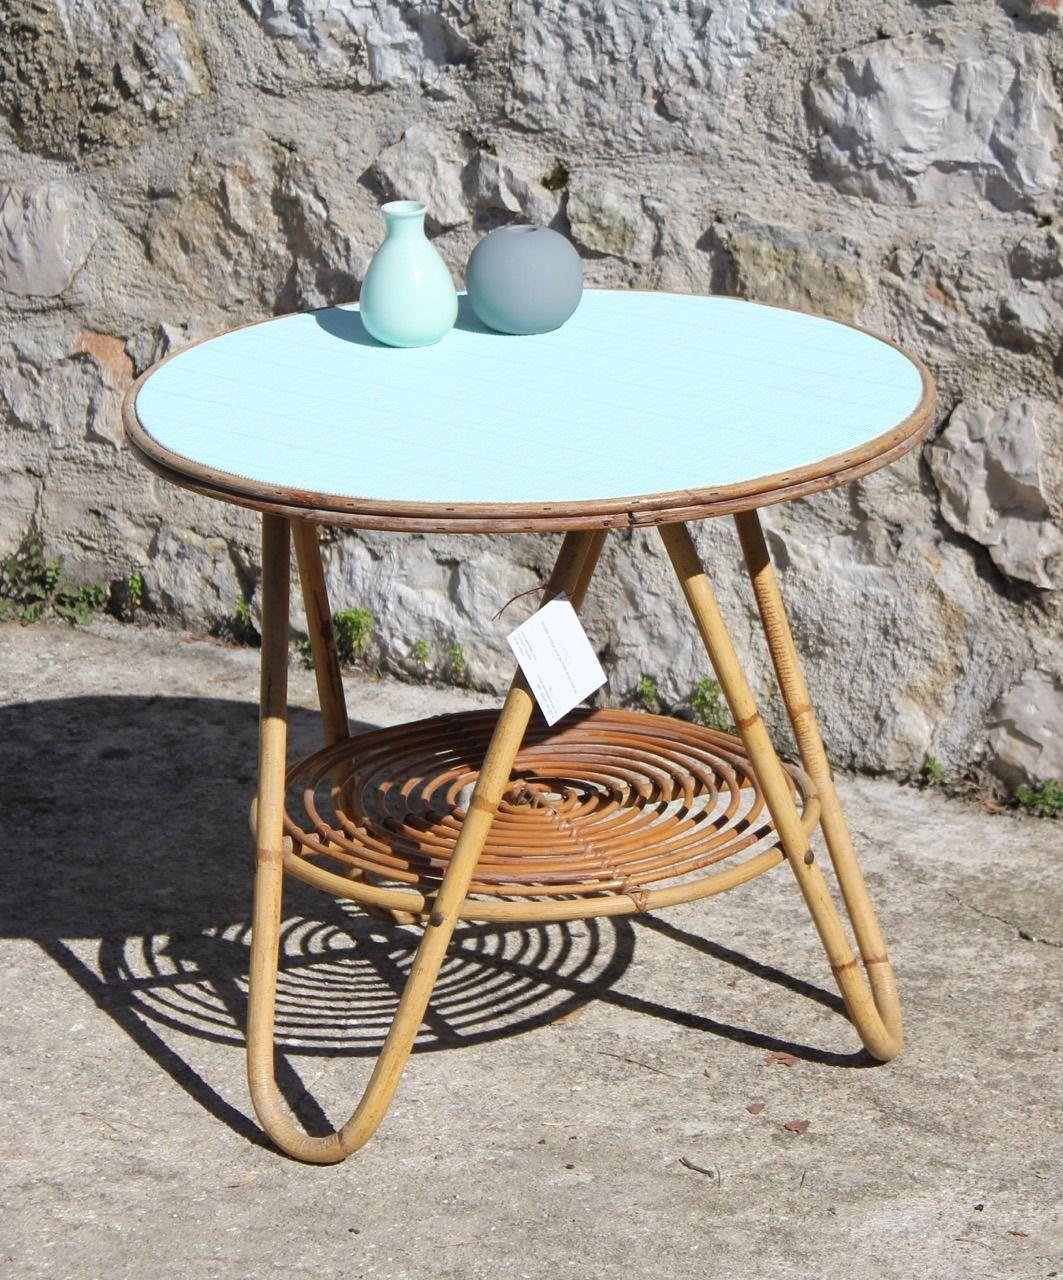 table basse en rotin vintage mint meubles et rangements par serenisse la casa pinterest. Black Bedroom Furniture Sets. Home Design Ideas